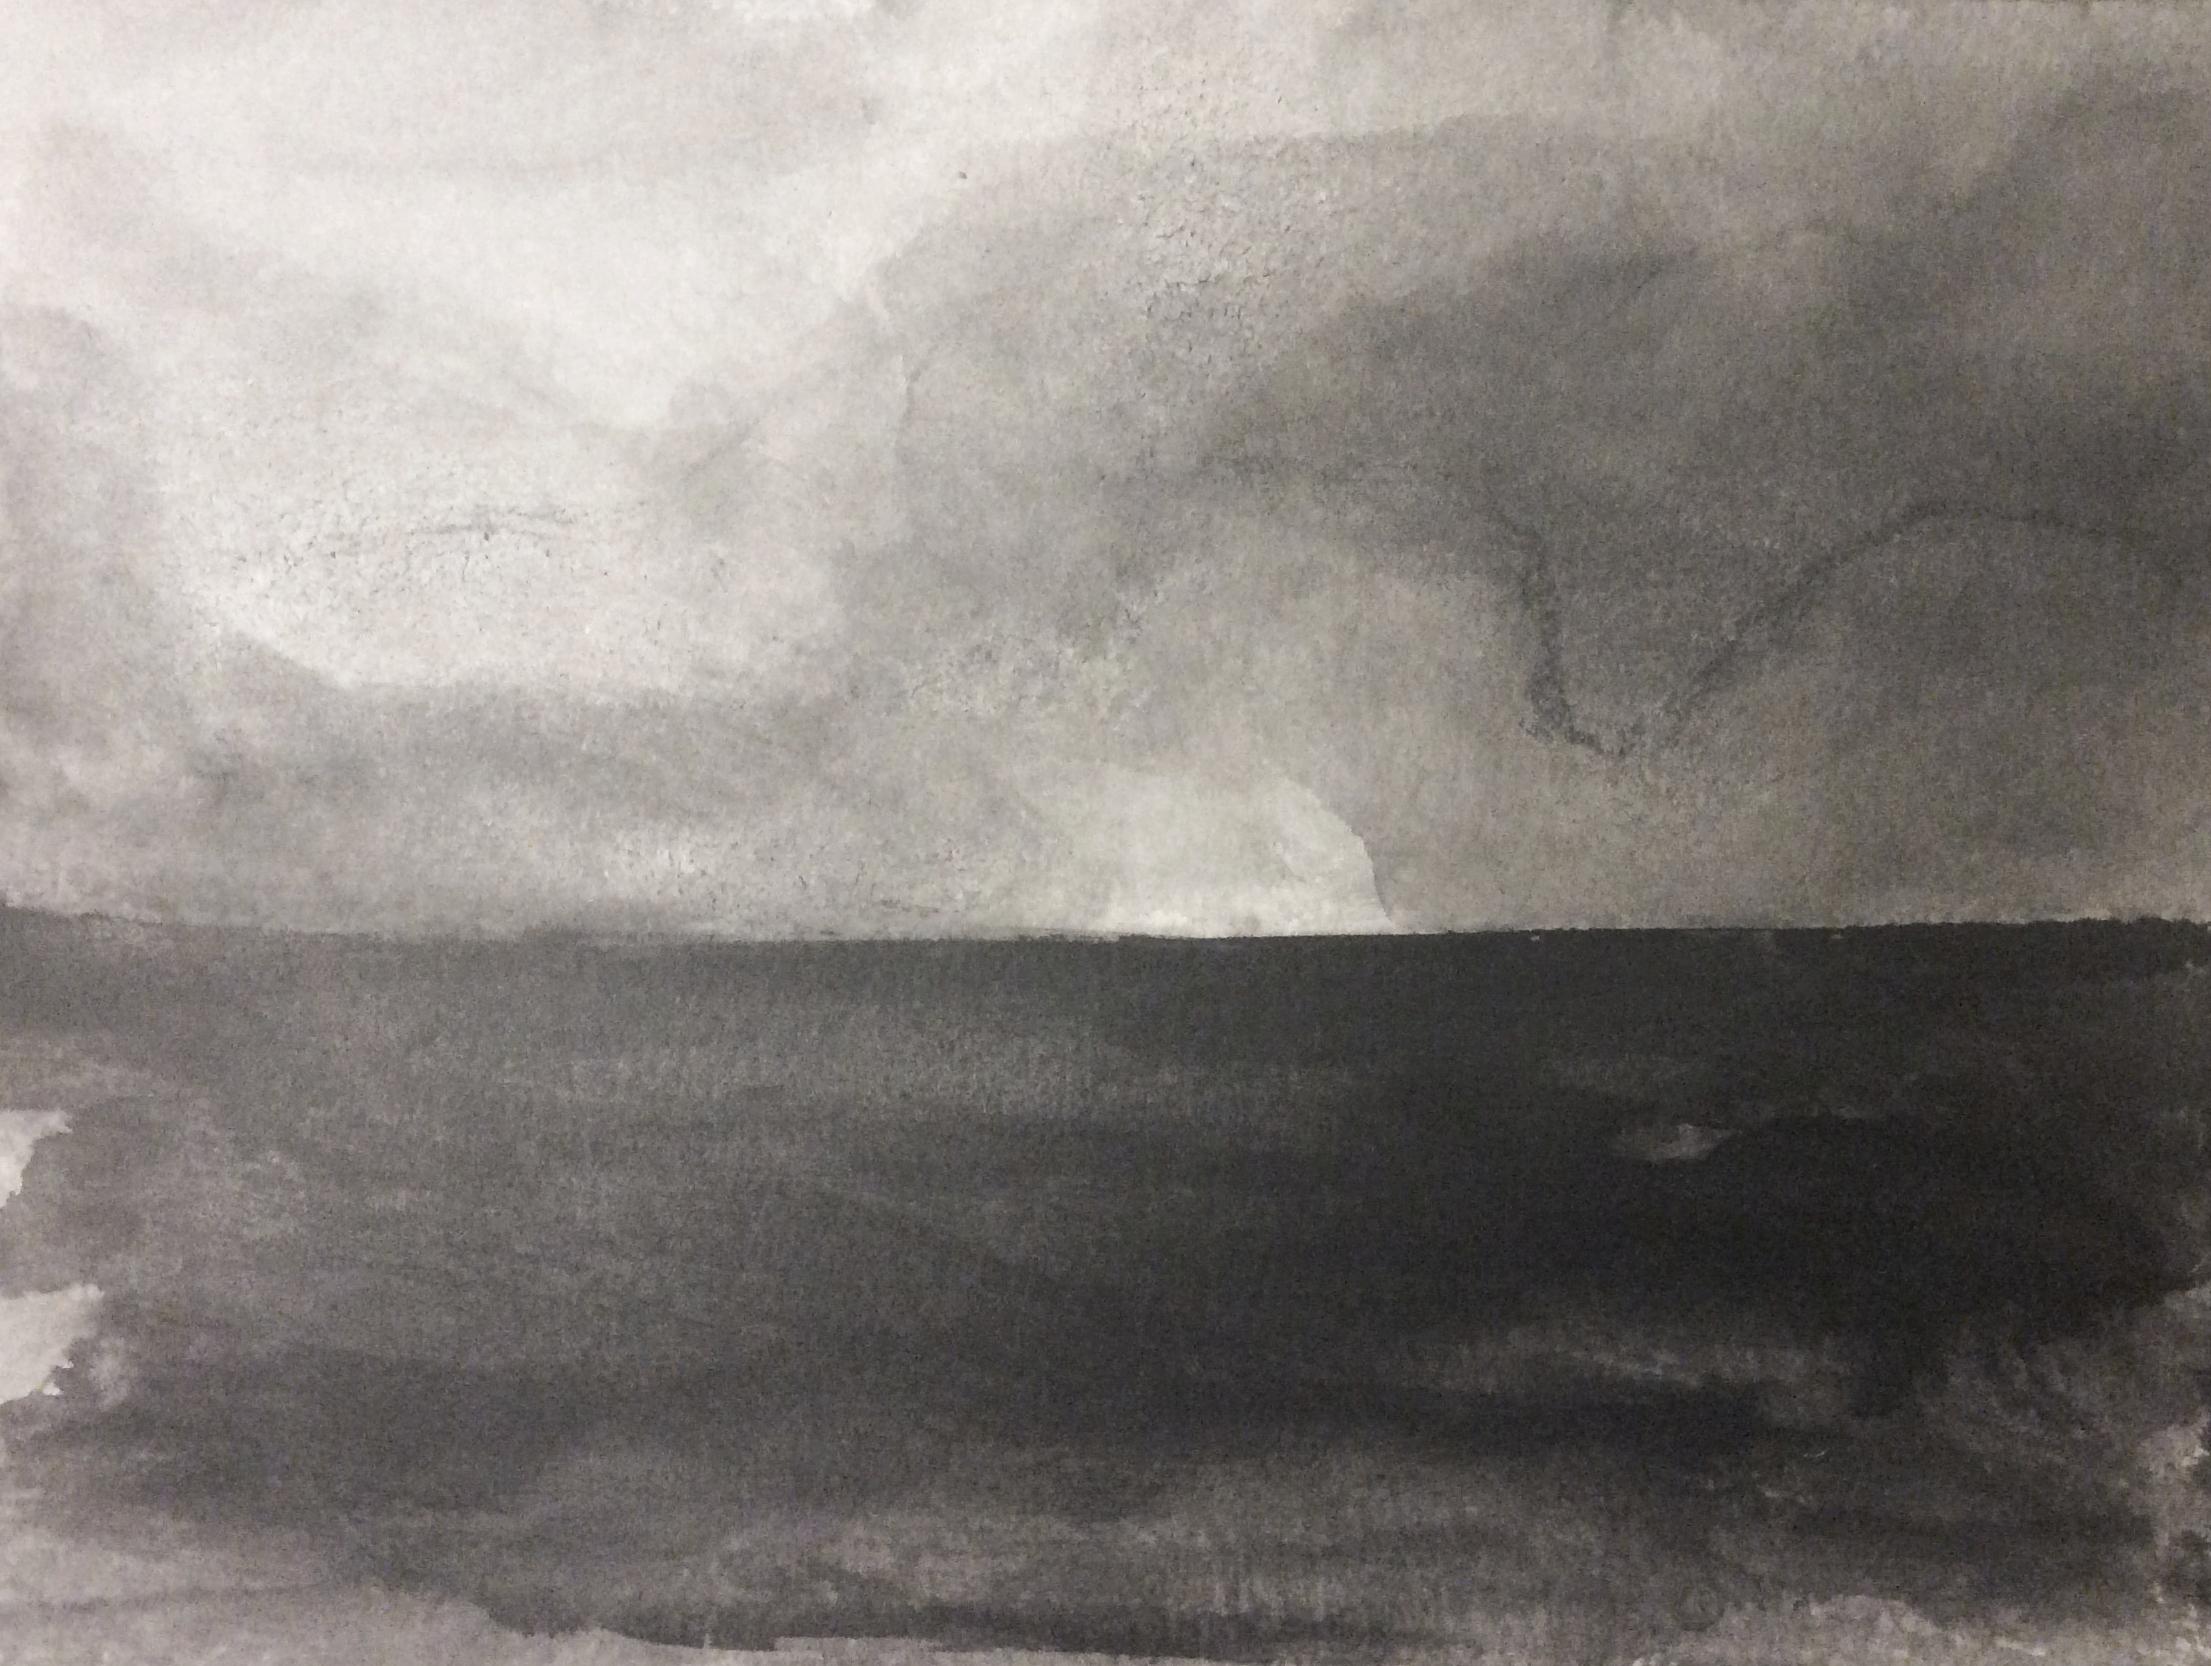 No title, ink, paper, 30x40cm, 2020